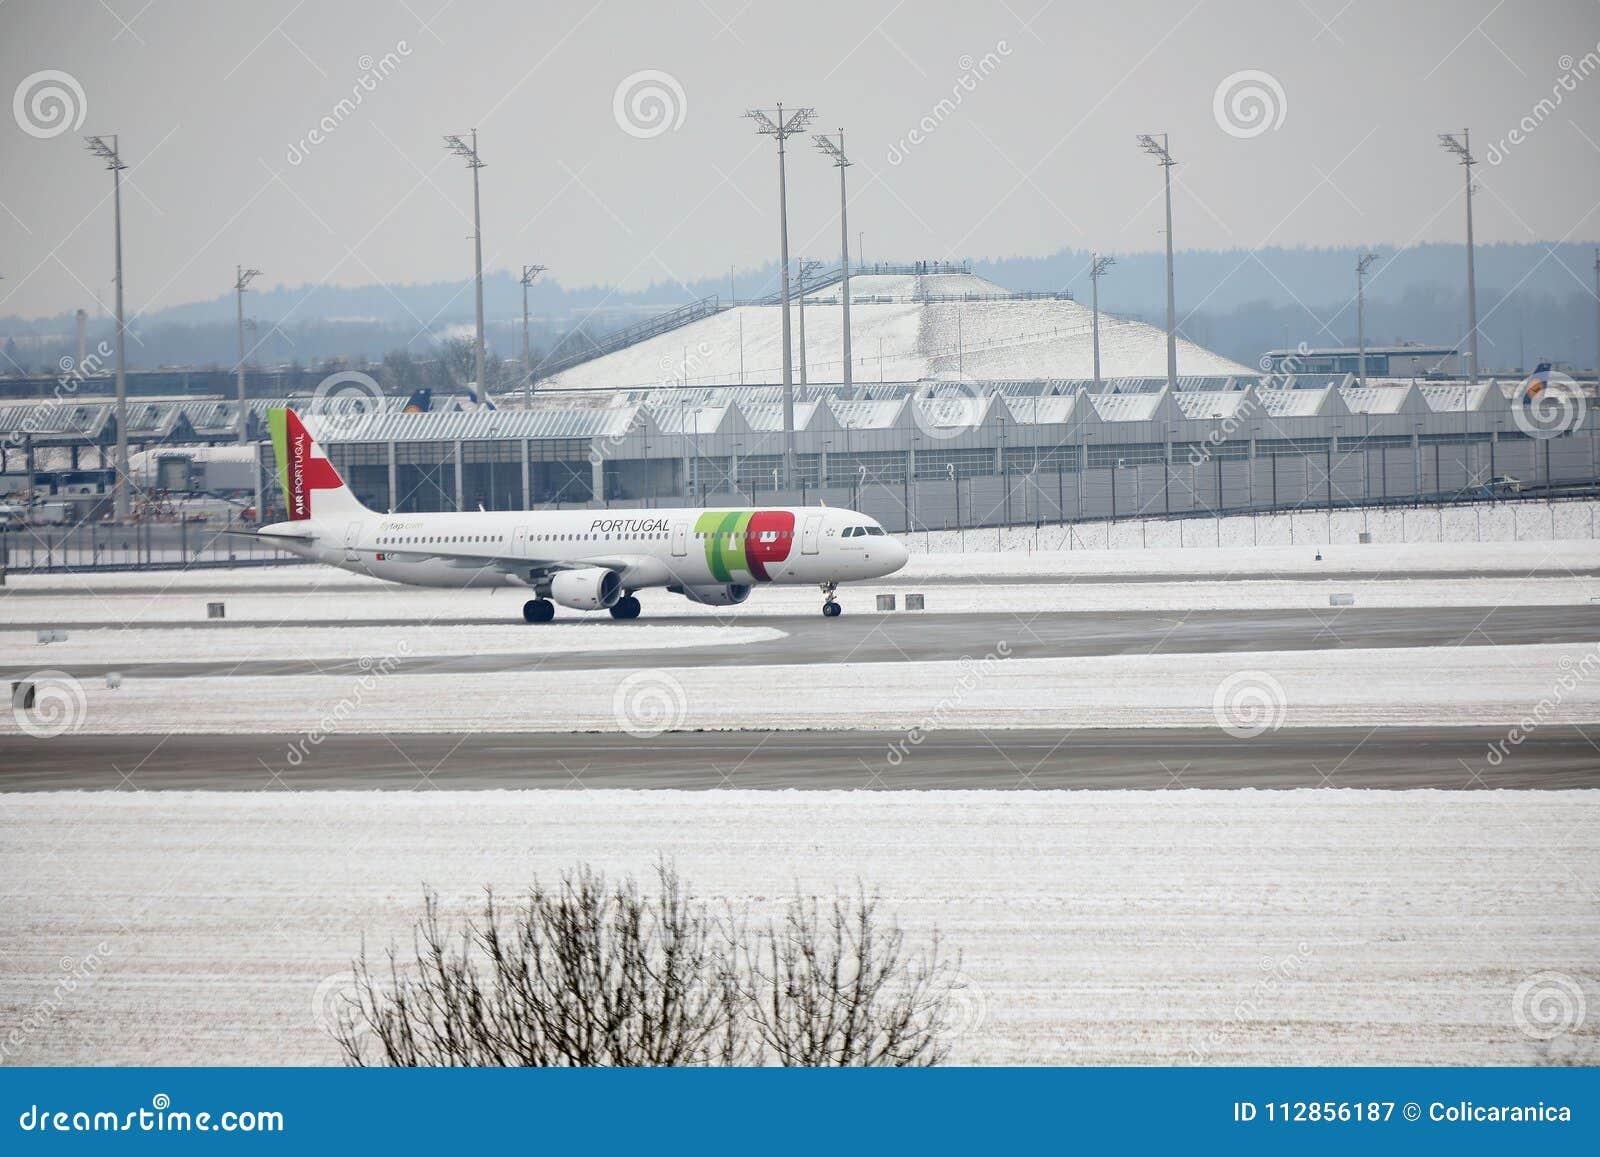 TAP het vliegtuig van Luchtportugal op baan in de Luchthaven van München, Duitsland, de Wintertijd met sneeuw